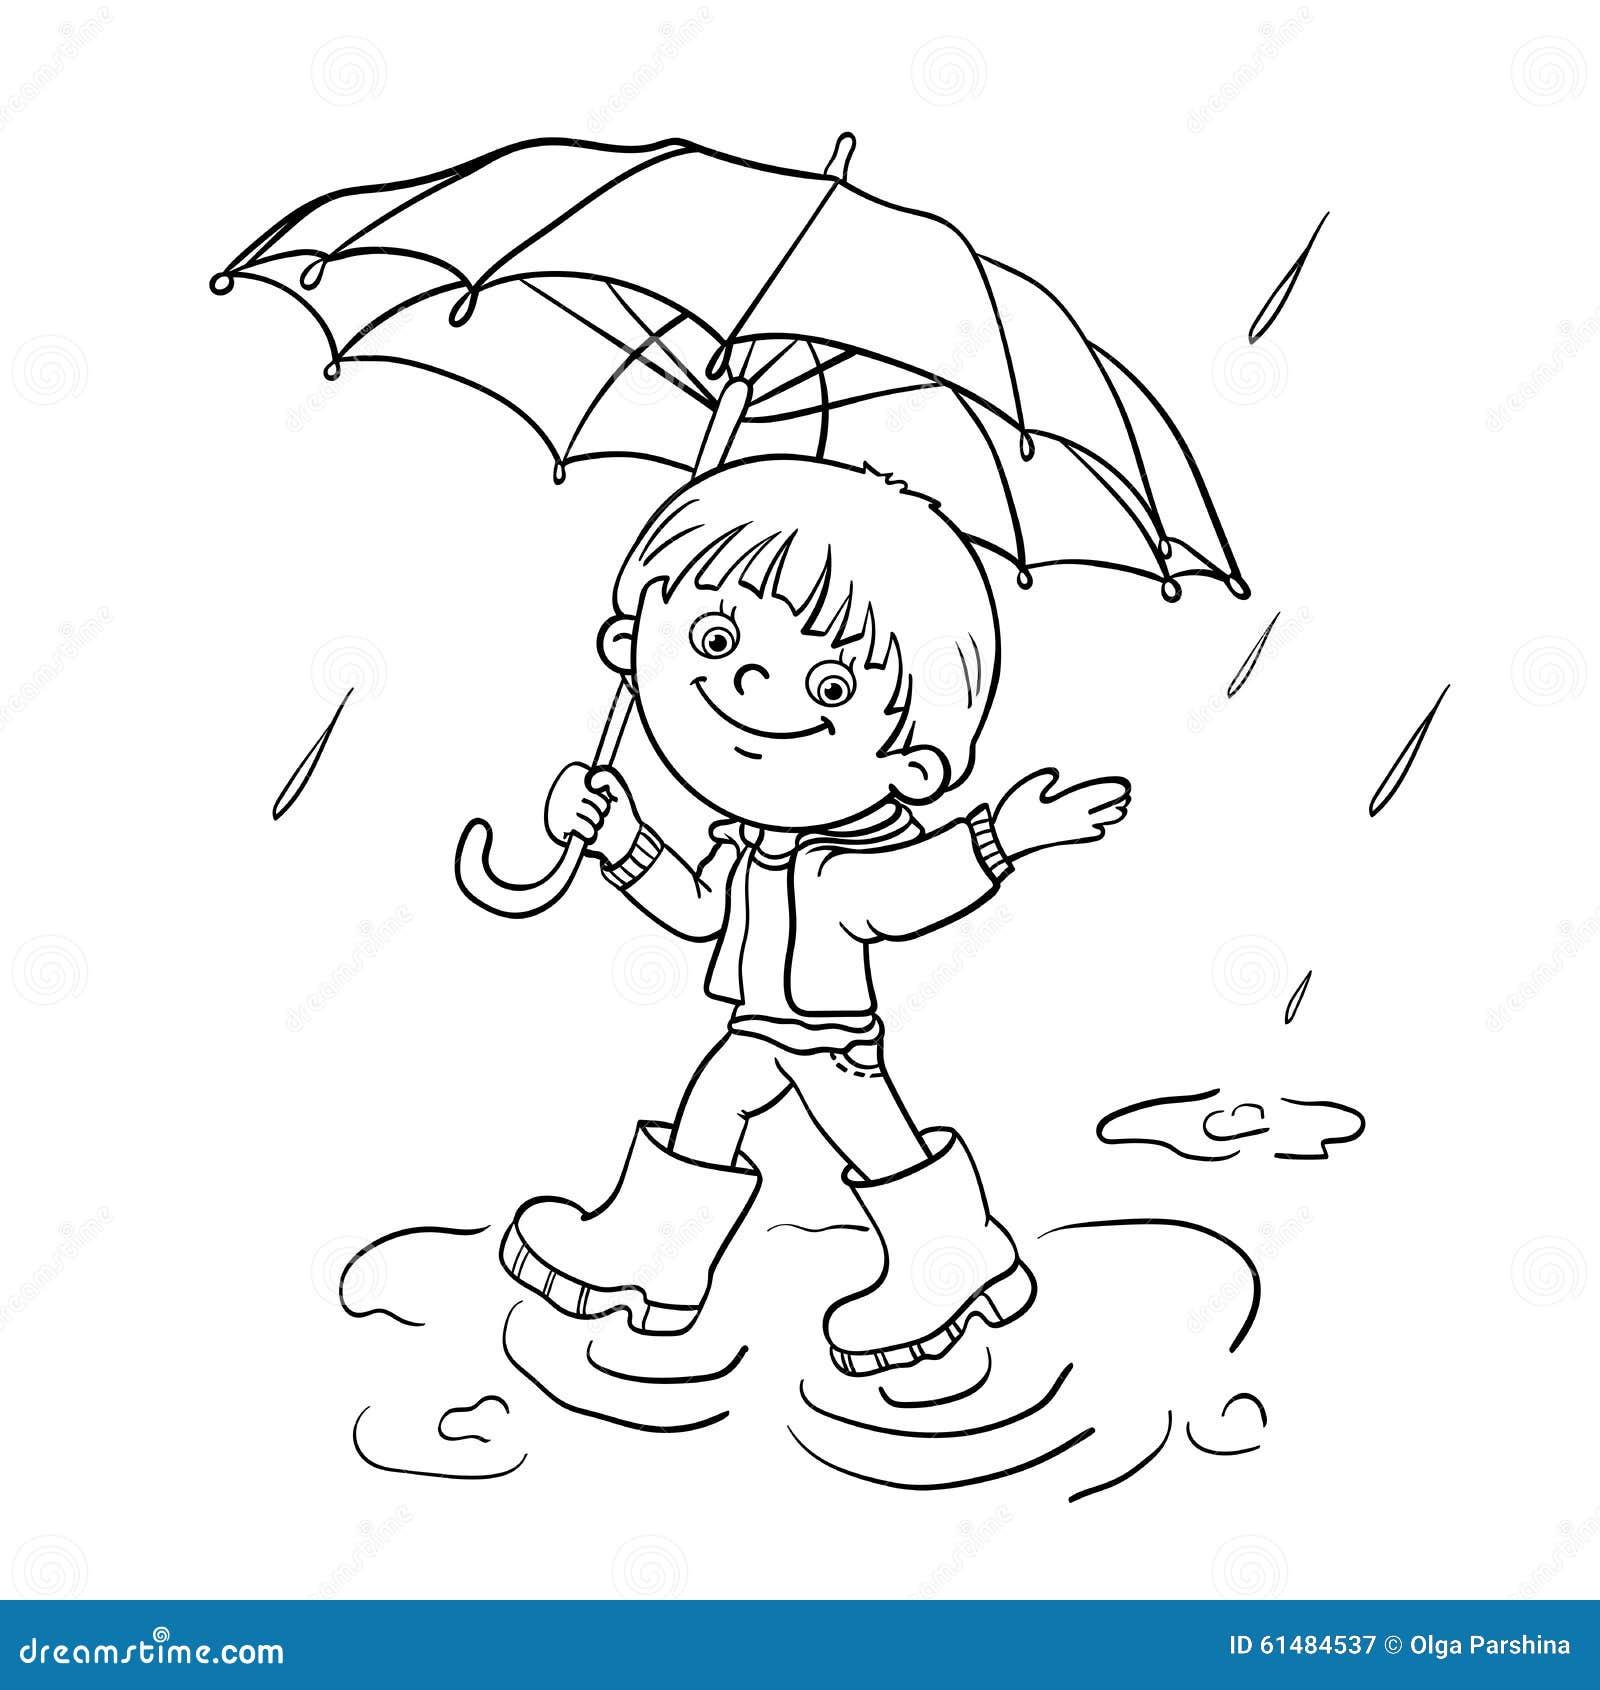 Rain coat clip art black and white